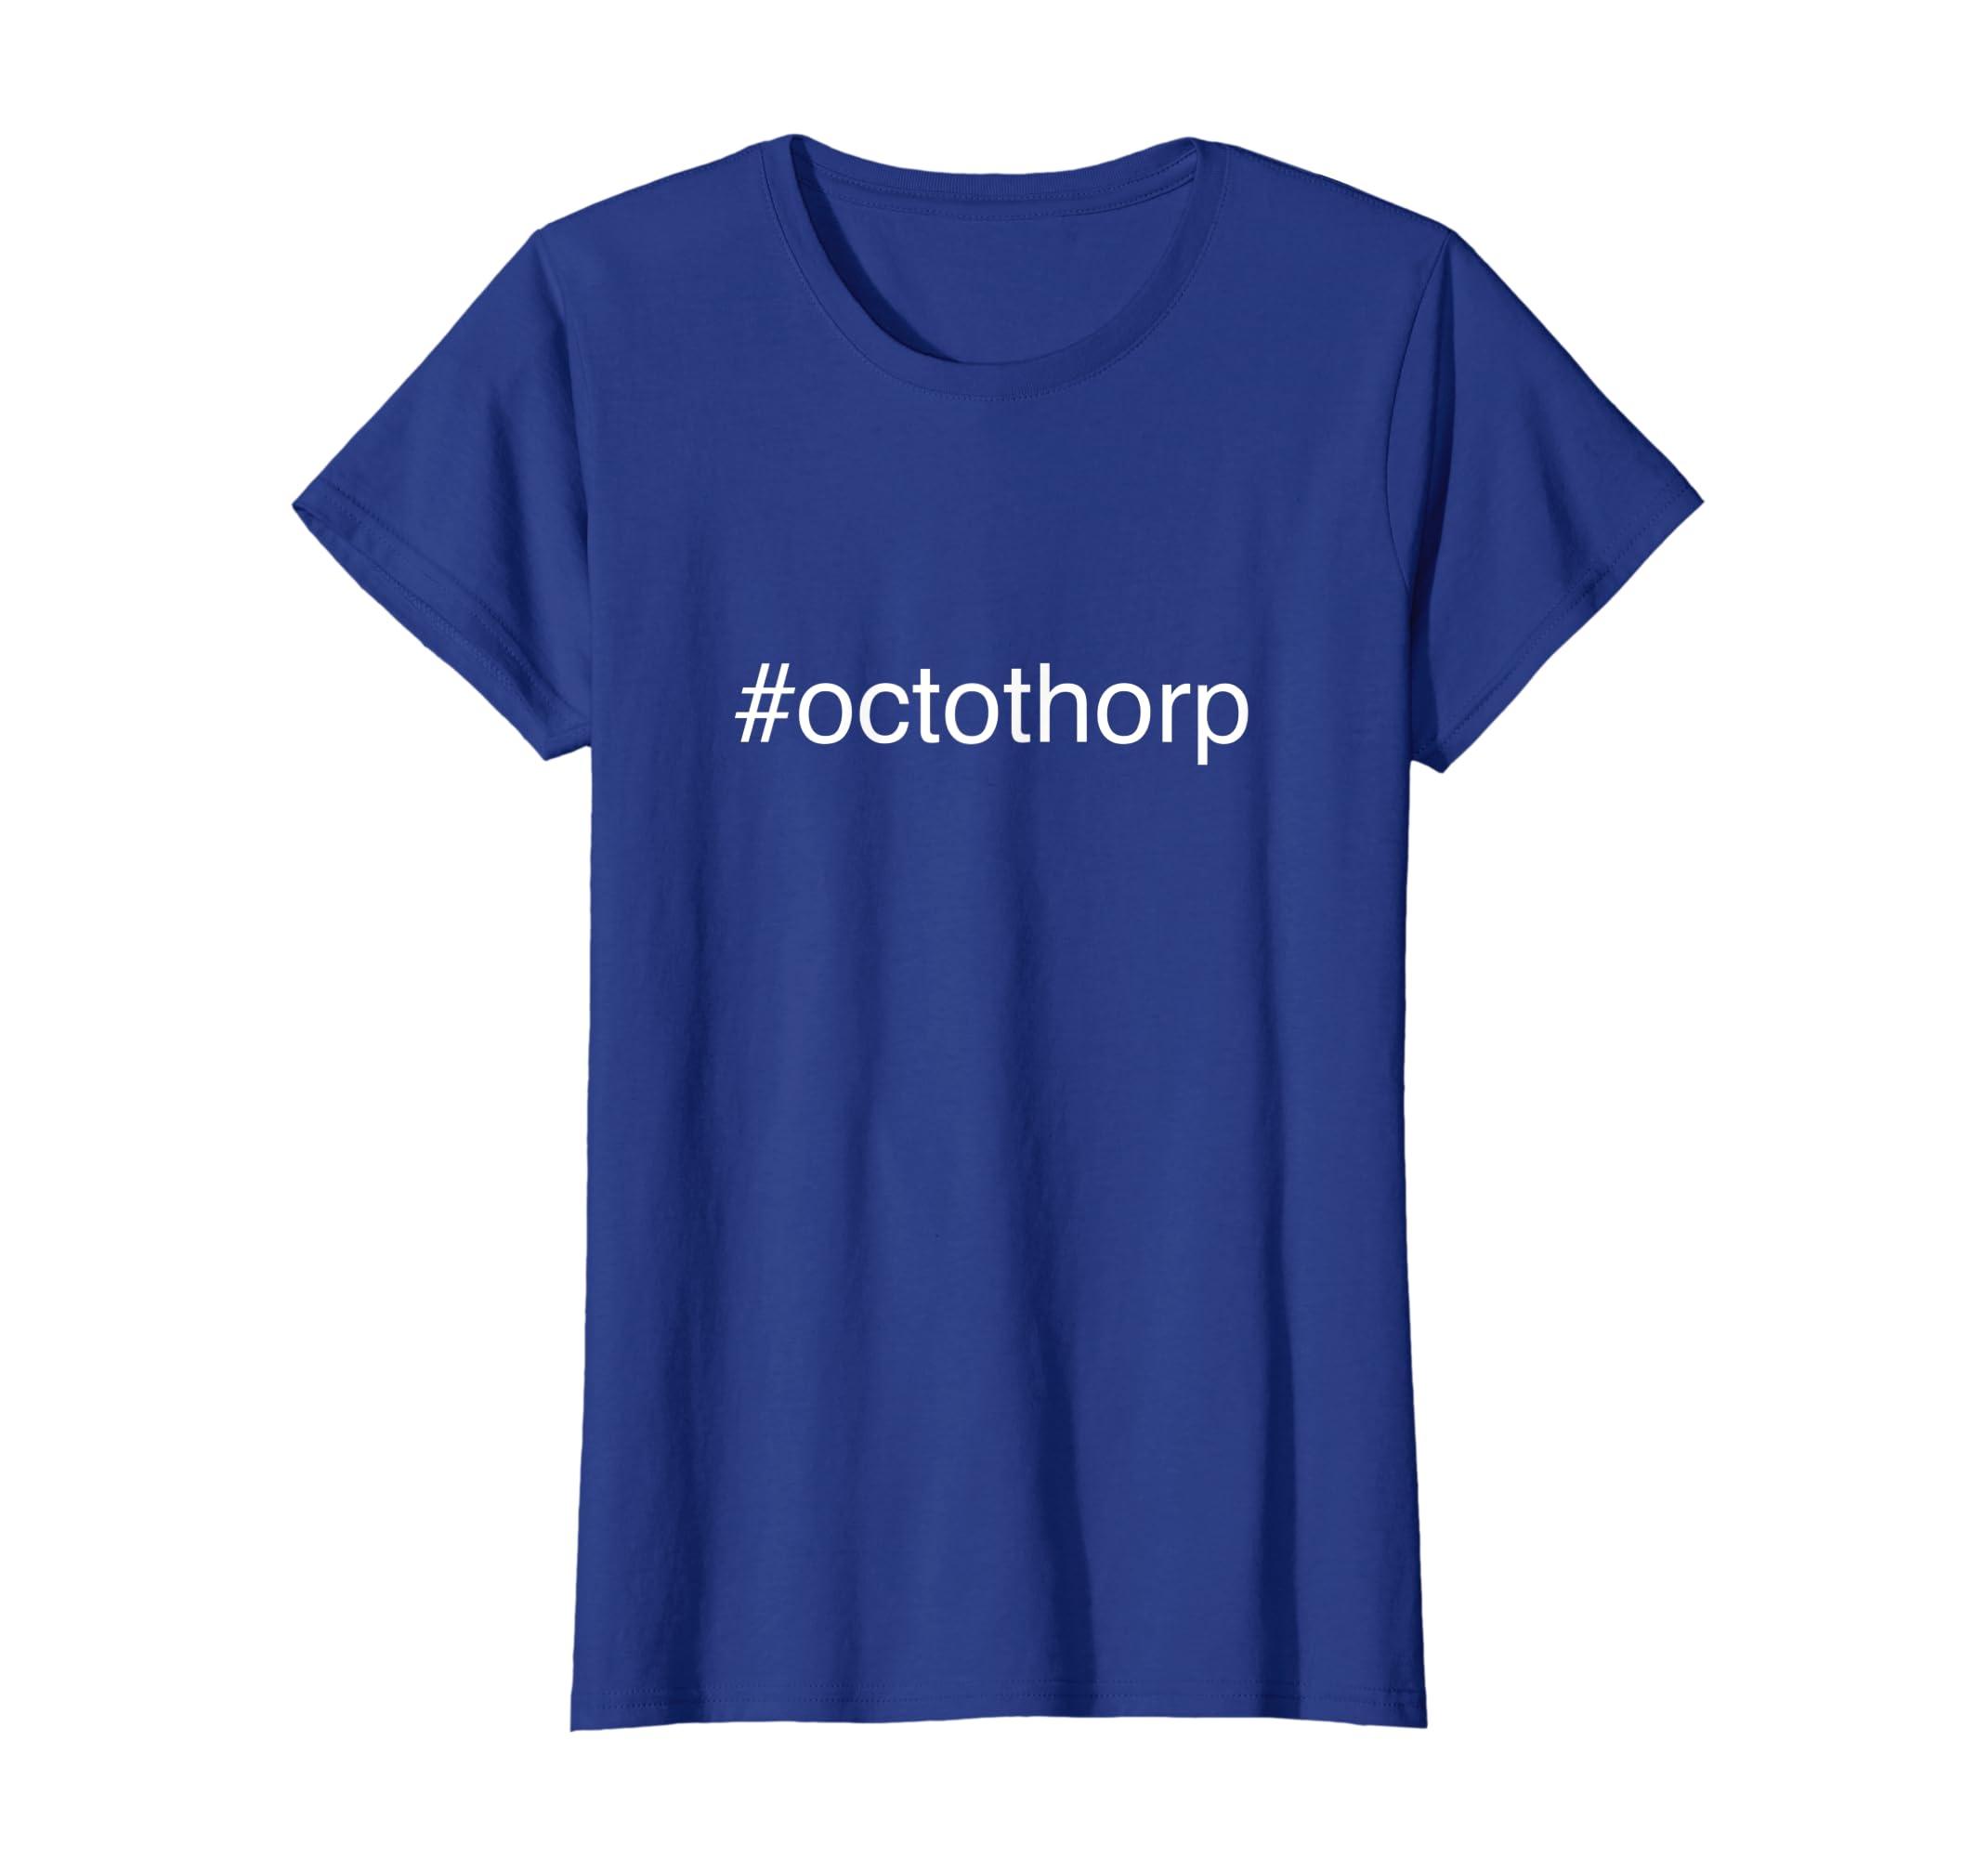 70397c1c Amazon.com: #octothorp t-shirt - ironic hashtag punctuation shirt: Clothing